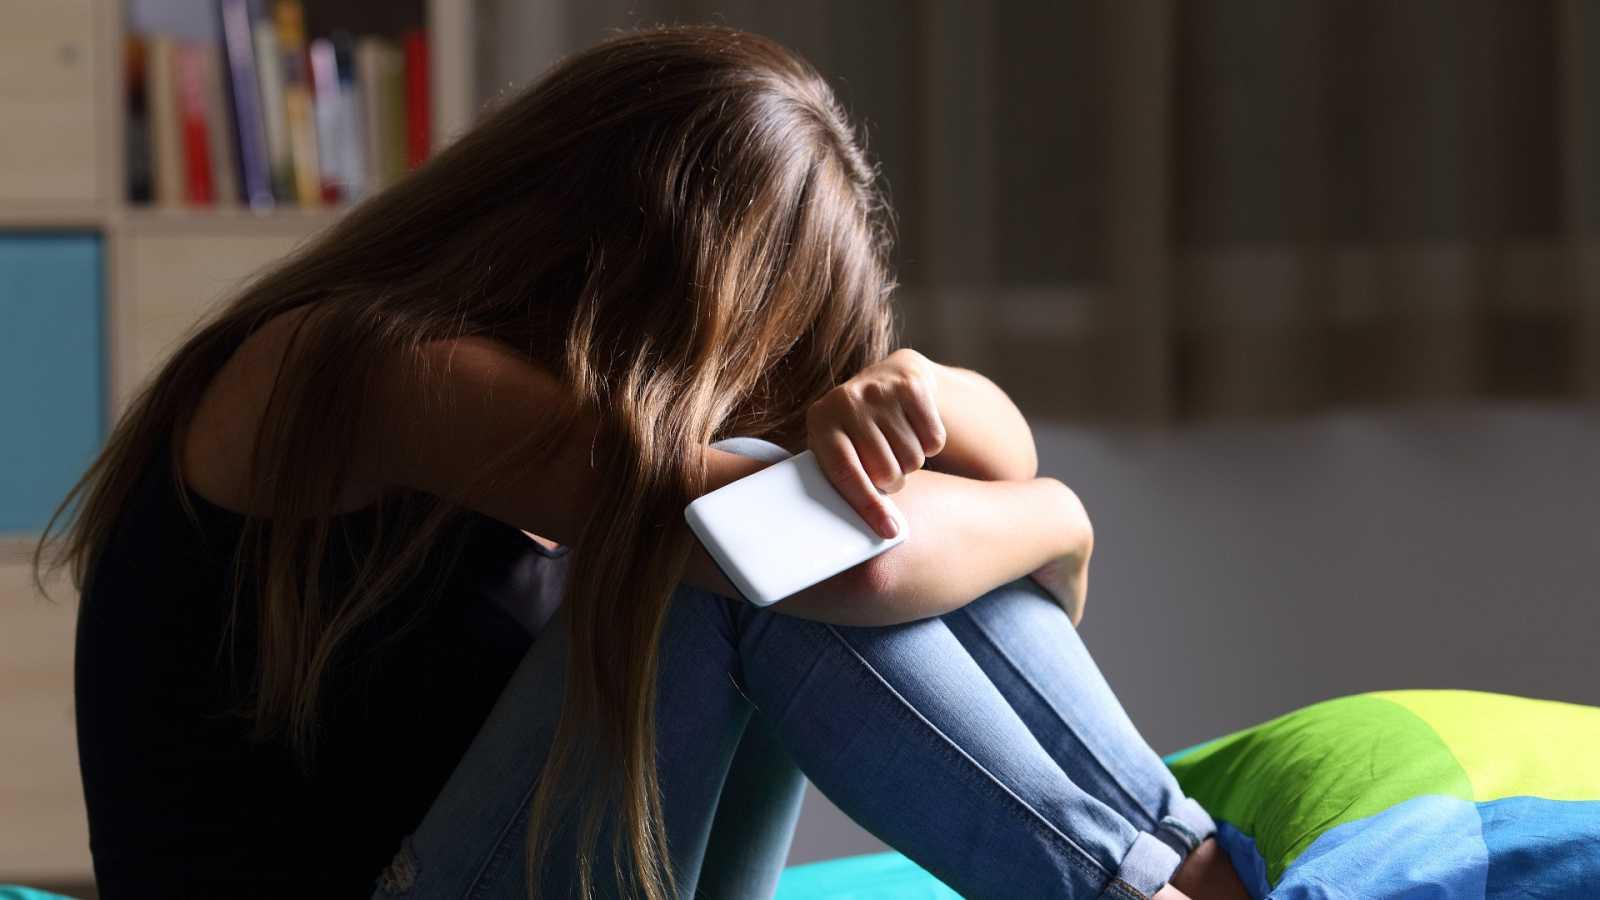 El Ministerio del Interior alerta un aumento de denuncias por violencia digital hacia chicas jóvenes